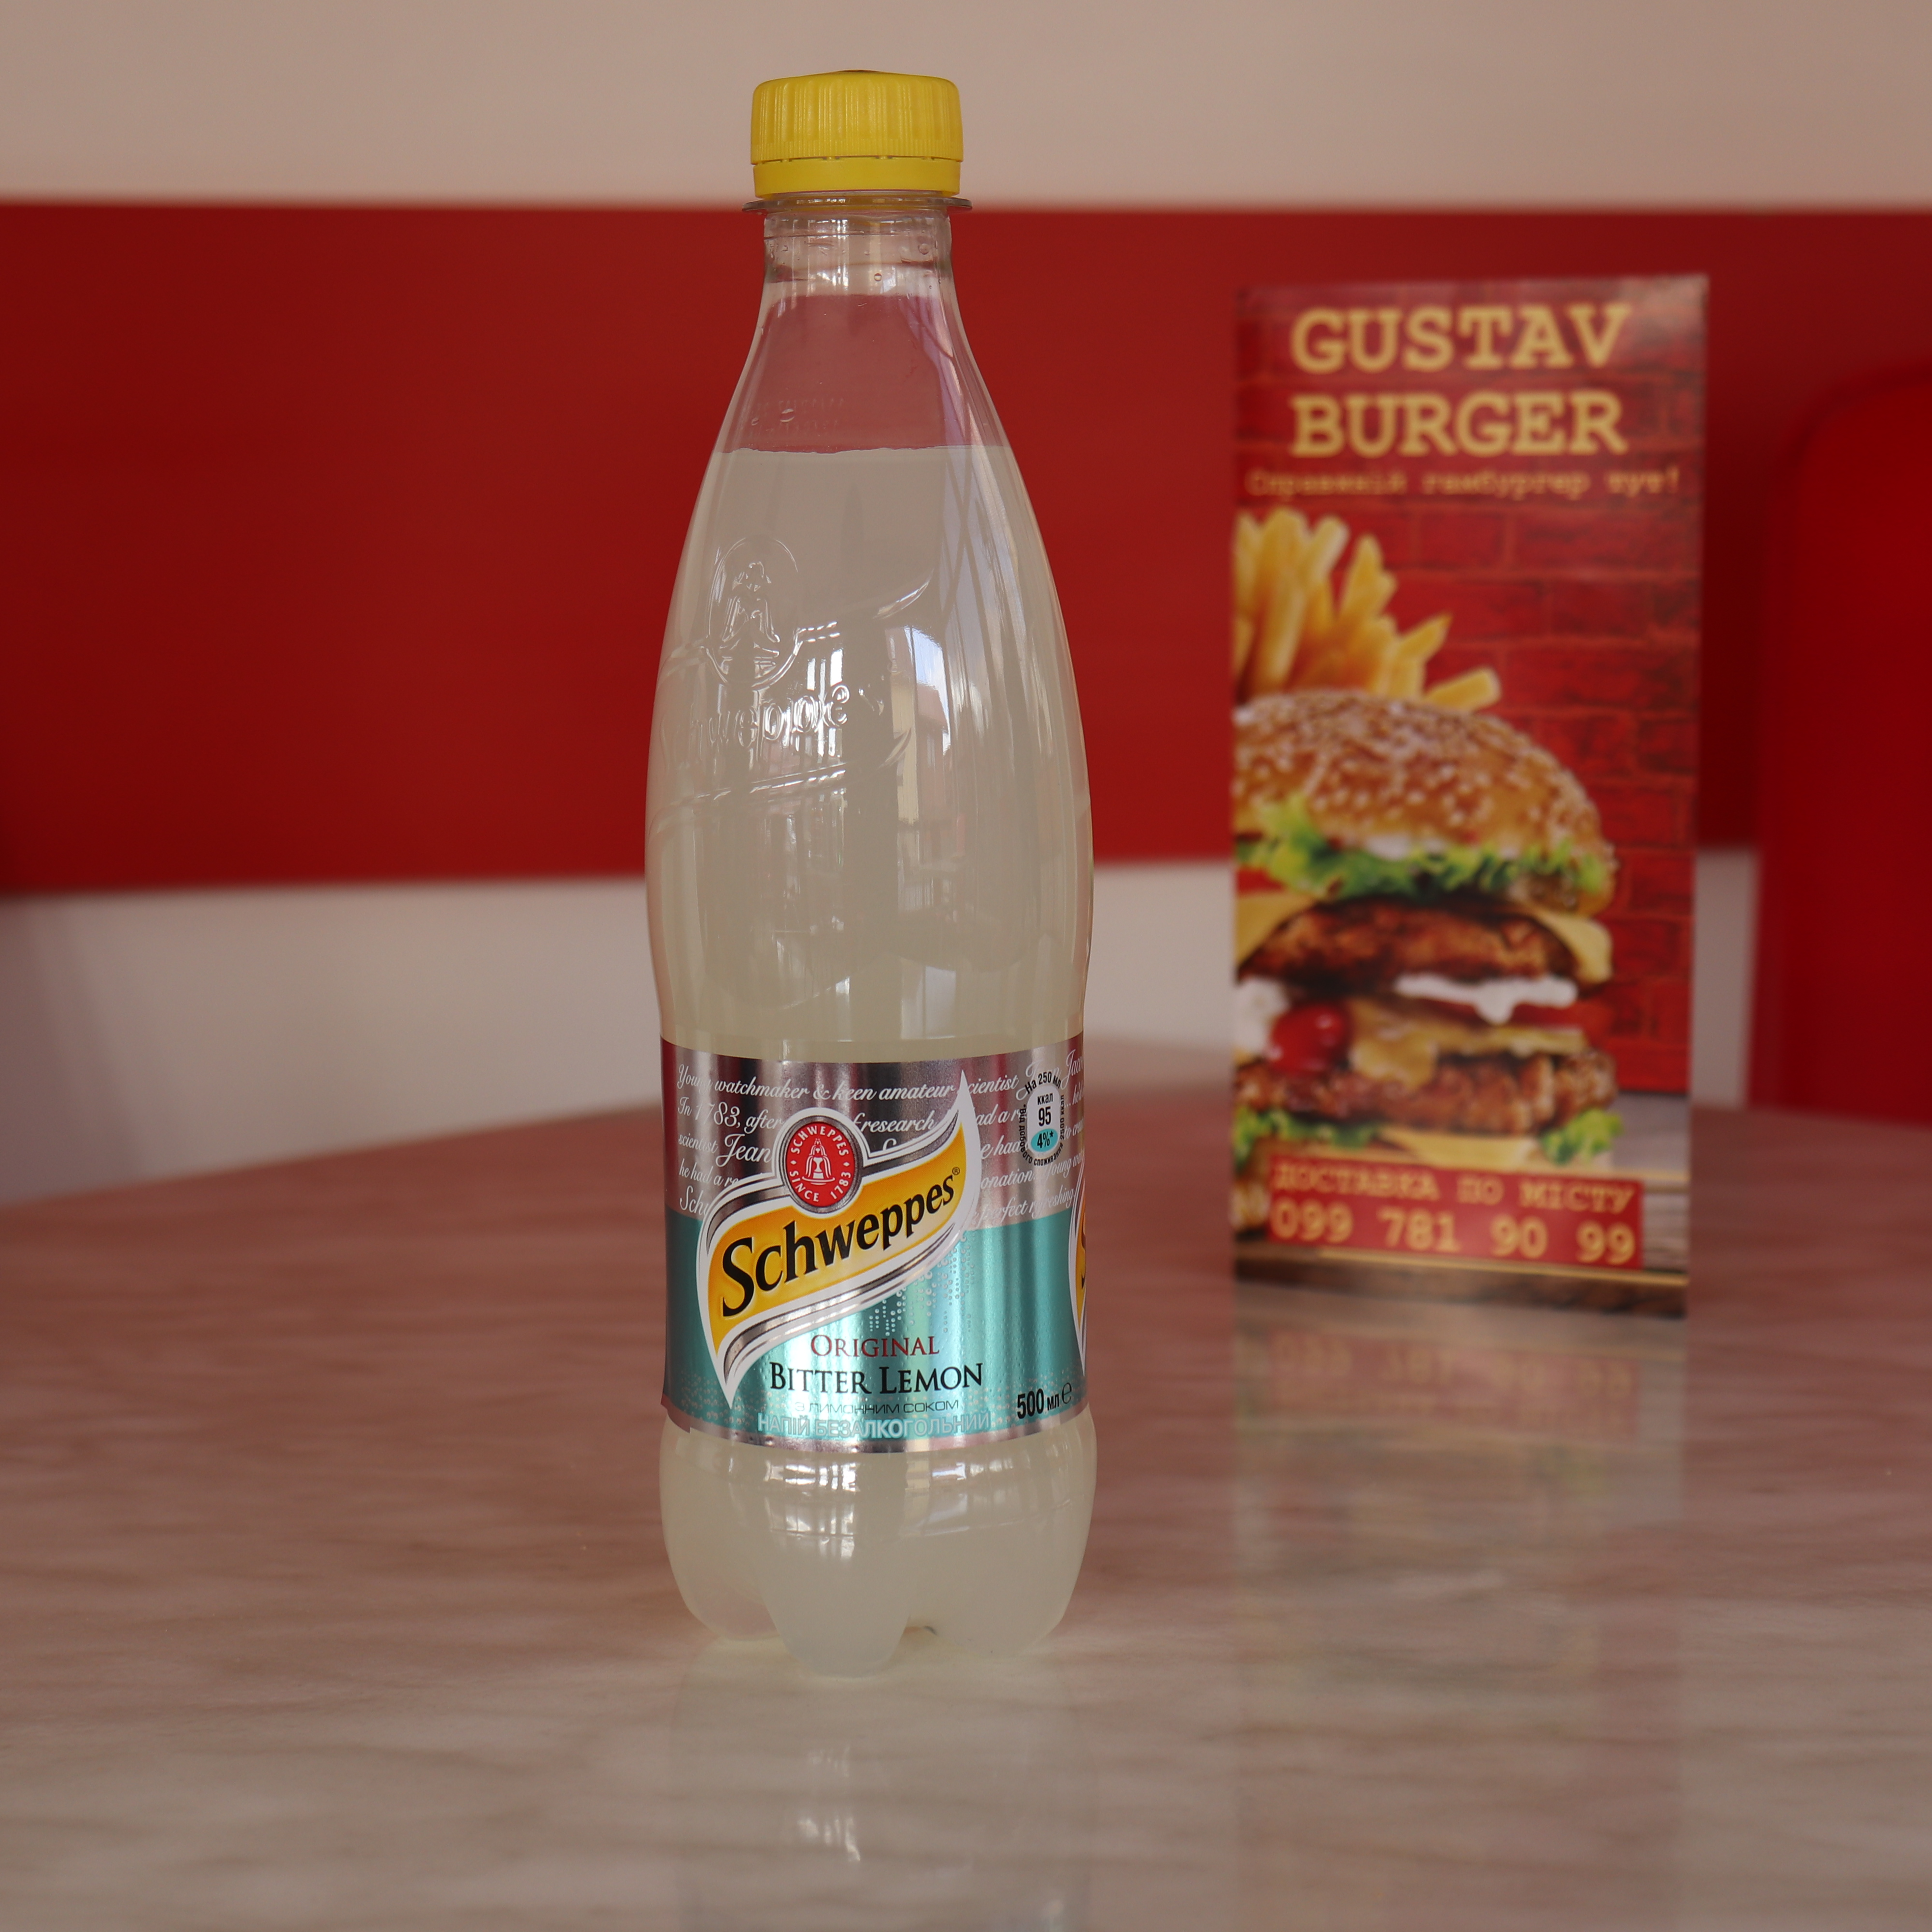 Швеппс Біттер Лимон, бутильована 0,5л.